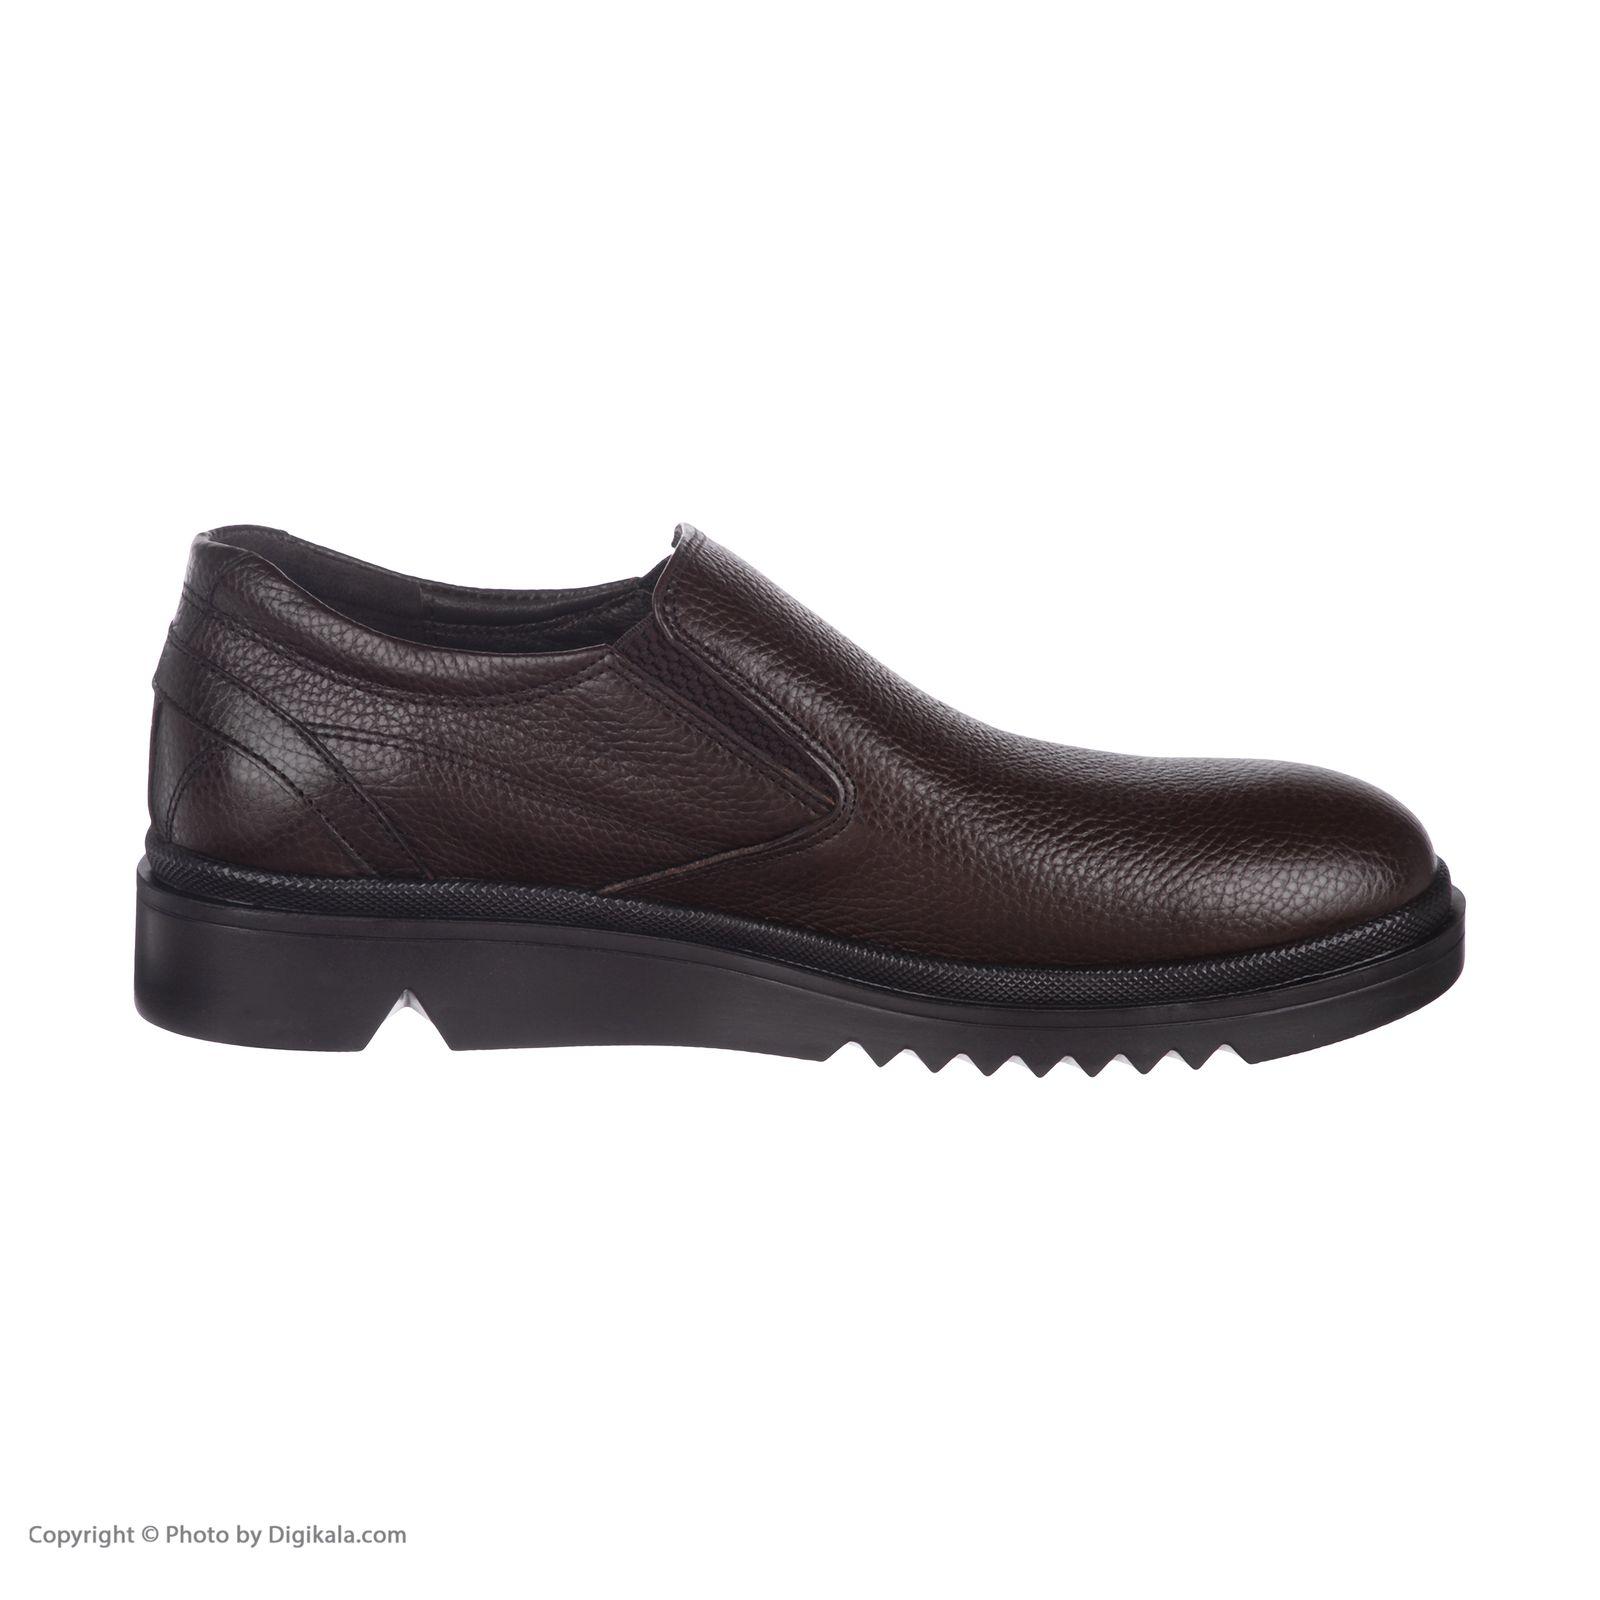 کفش روزمره مردانه دانادل مدل 8606A503101 -  - 3